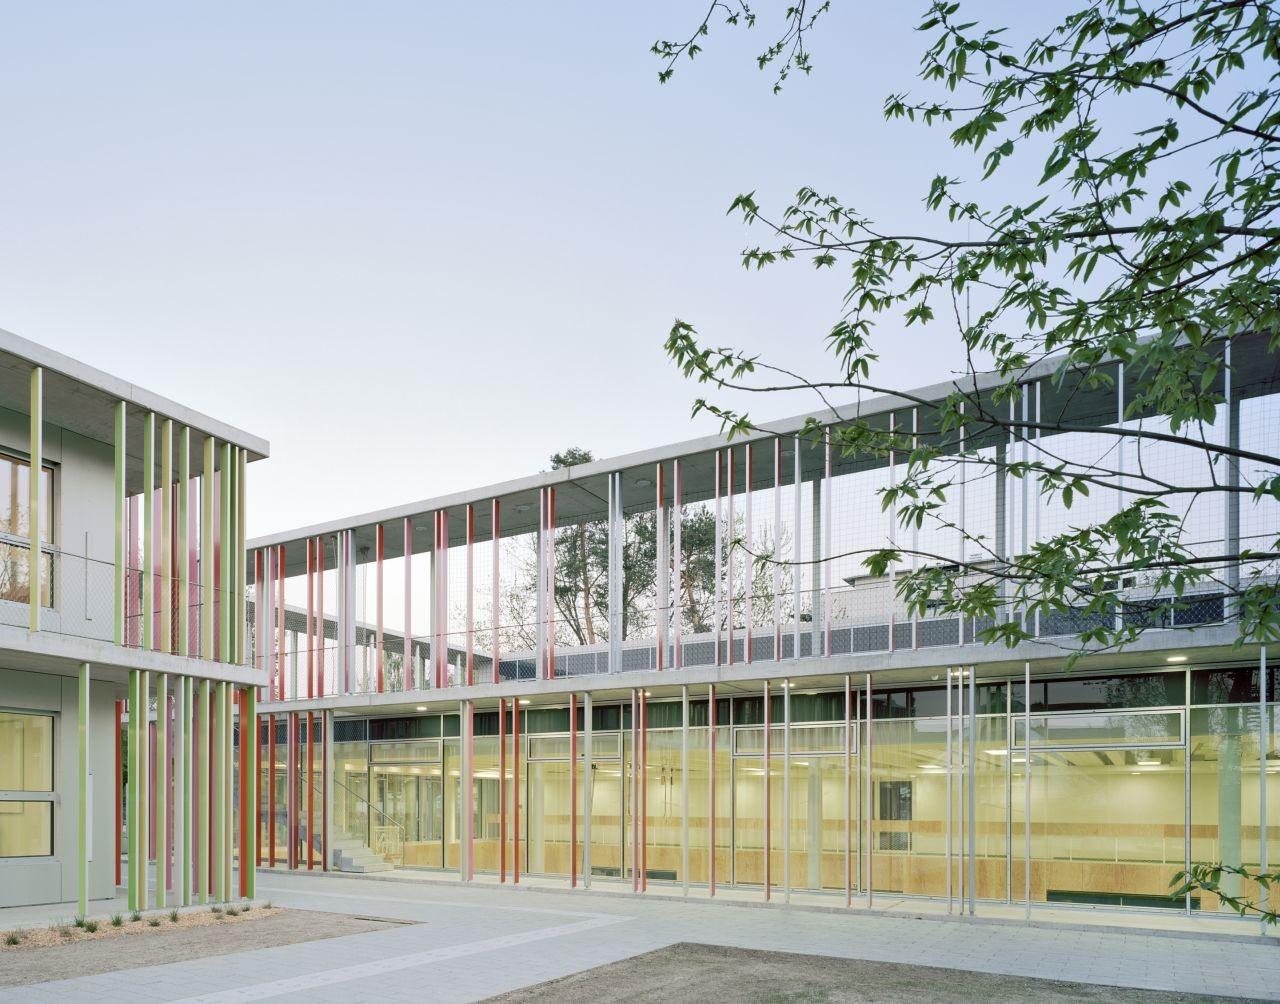 Architekten Karlsruhe gallery of primary in karlsruhe wulf architekten 4